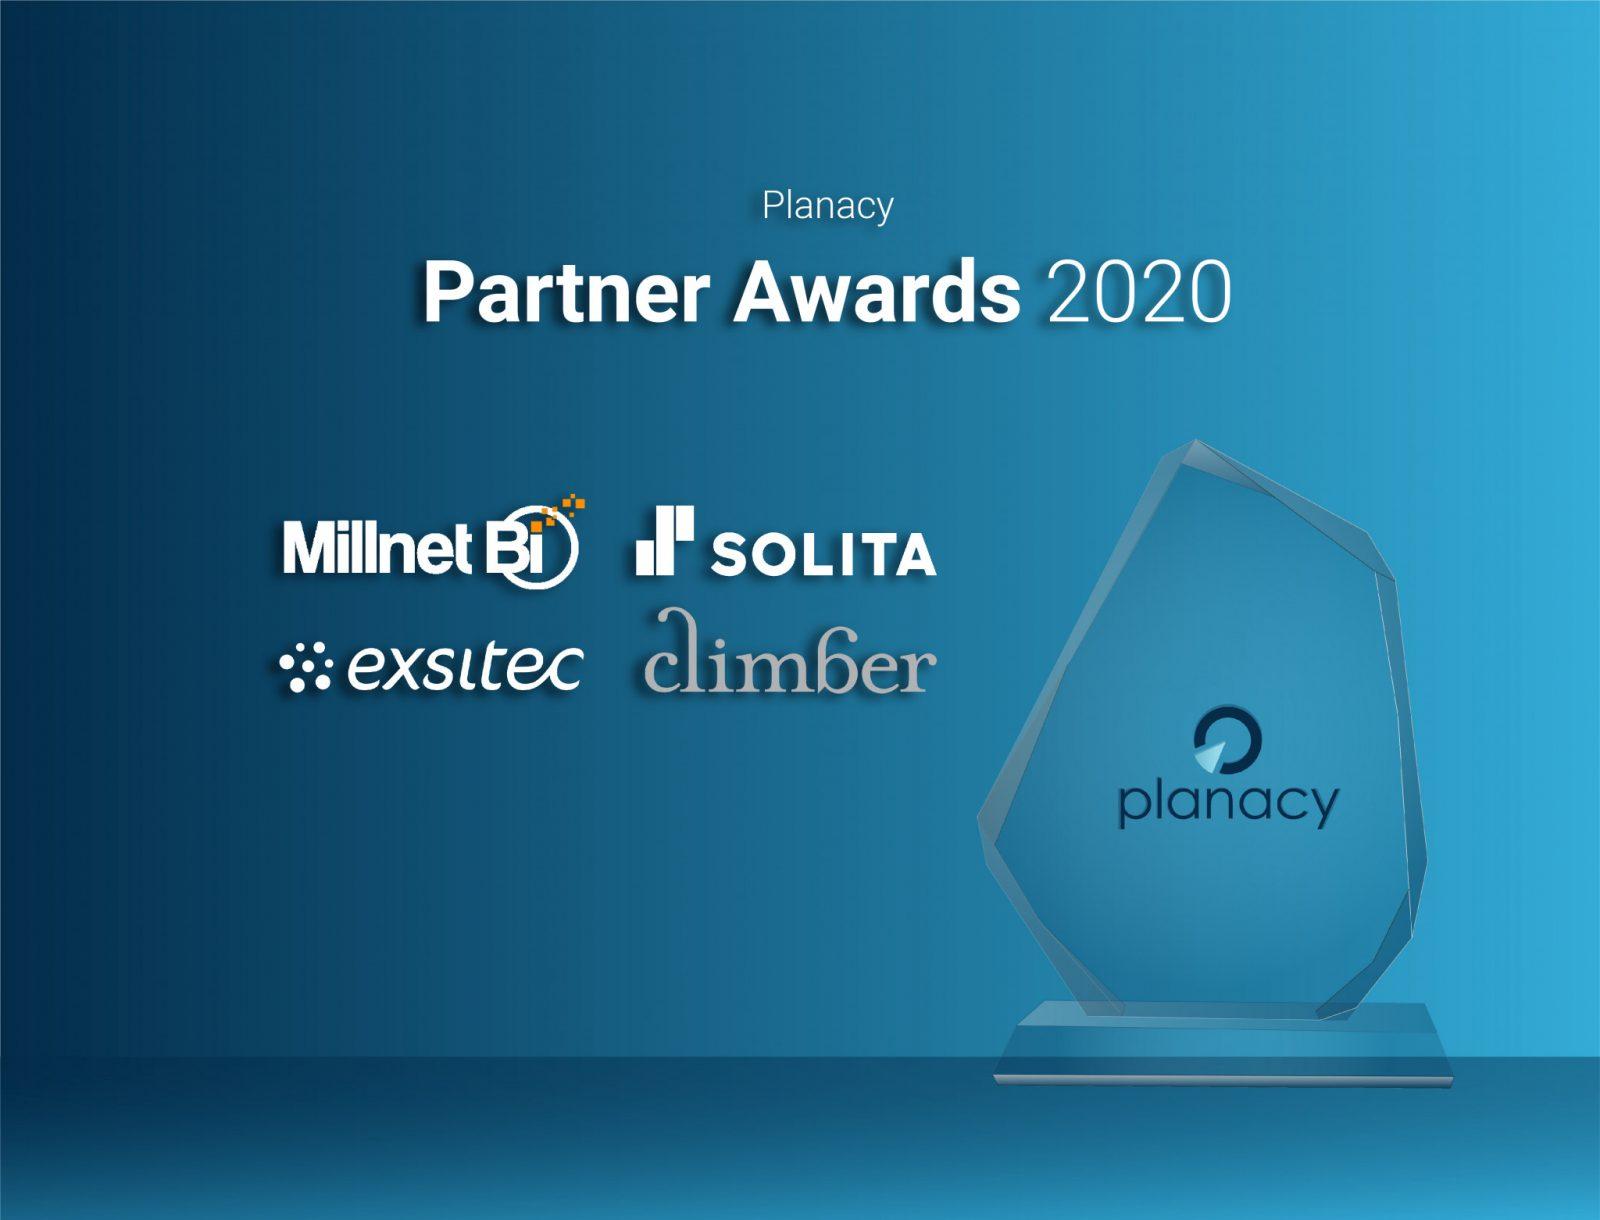 planacy-partner-award-2020